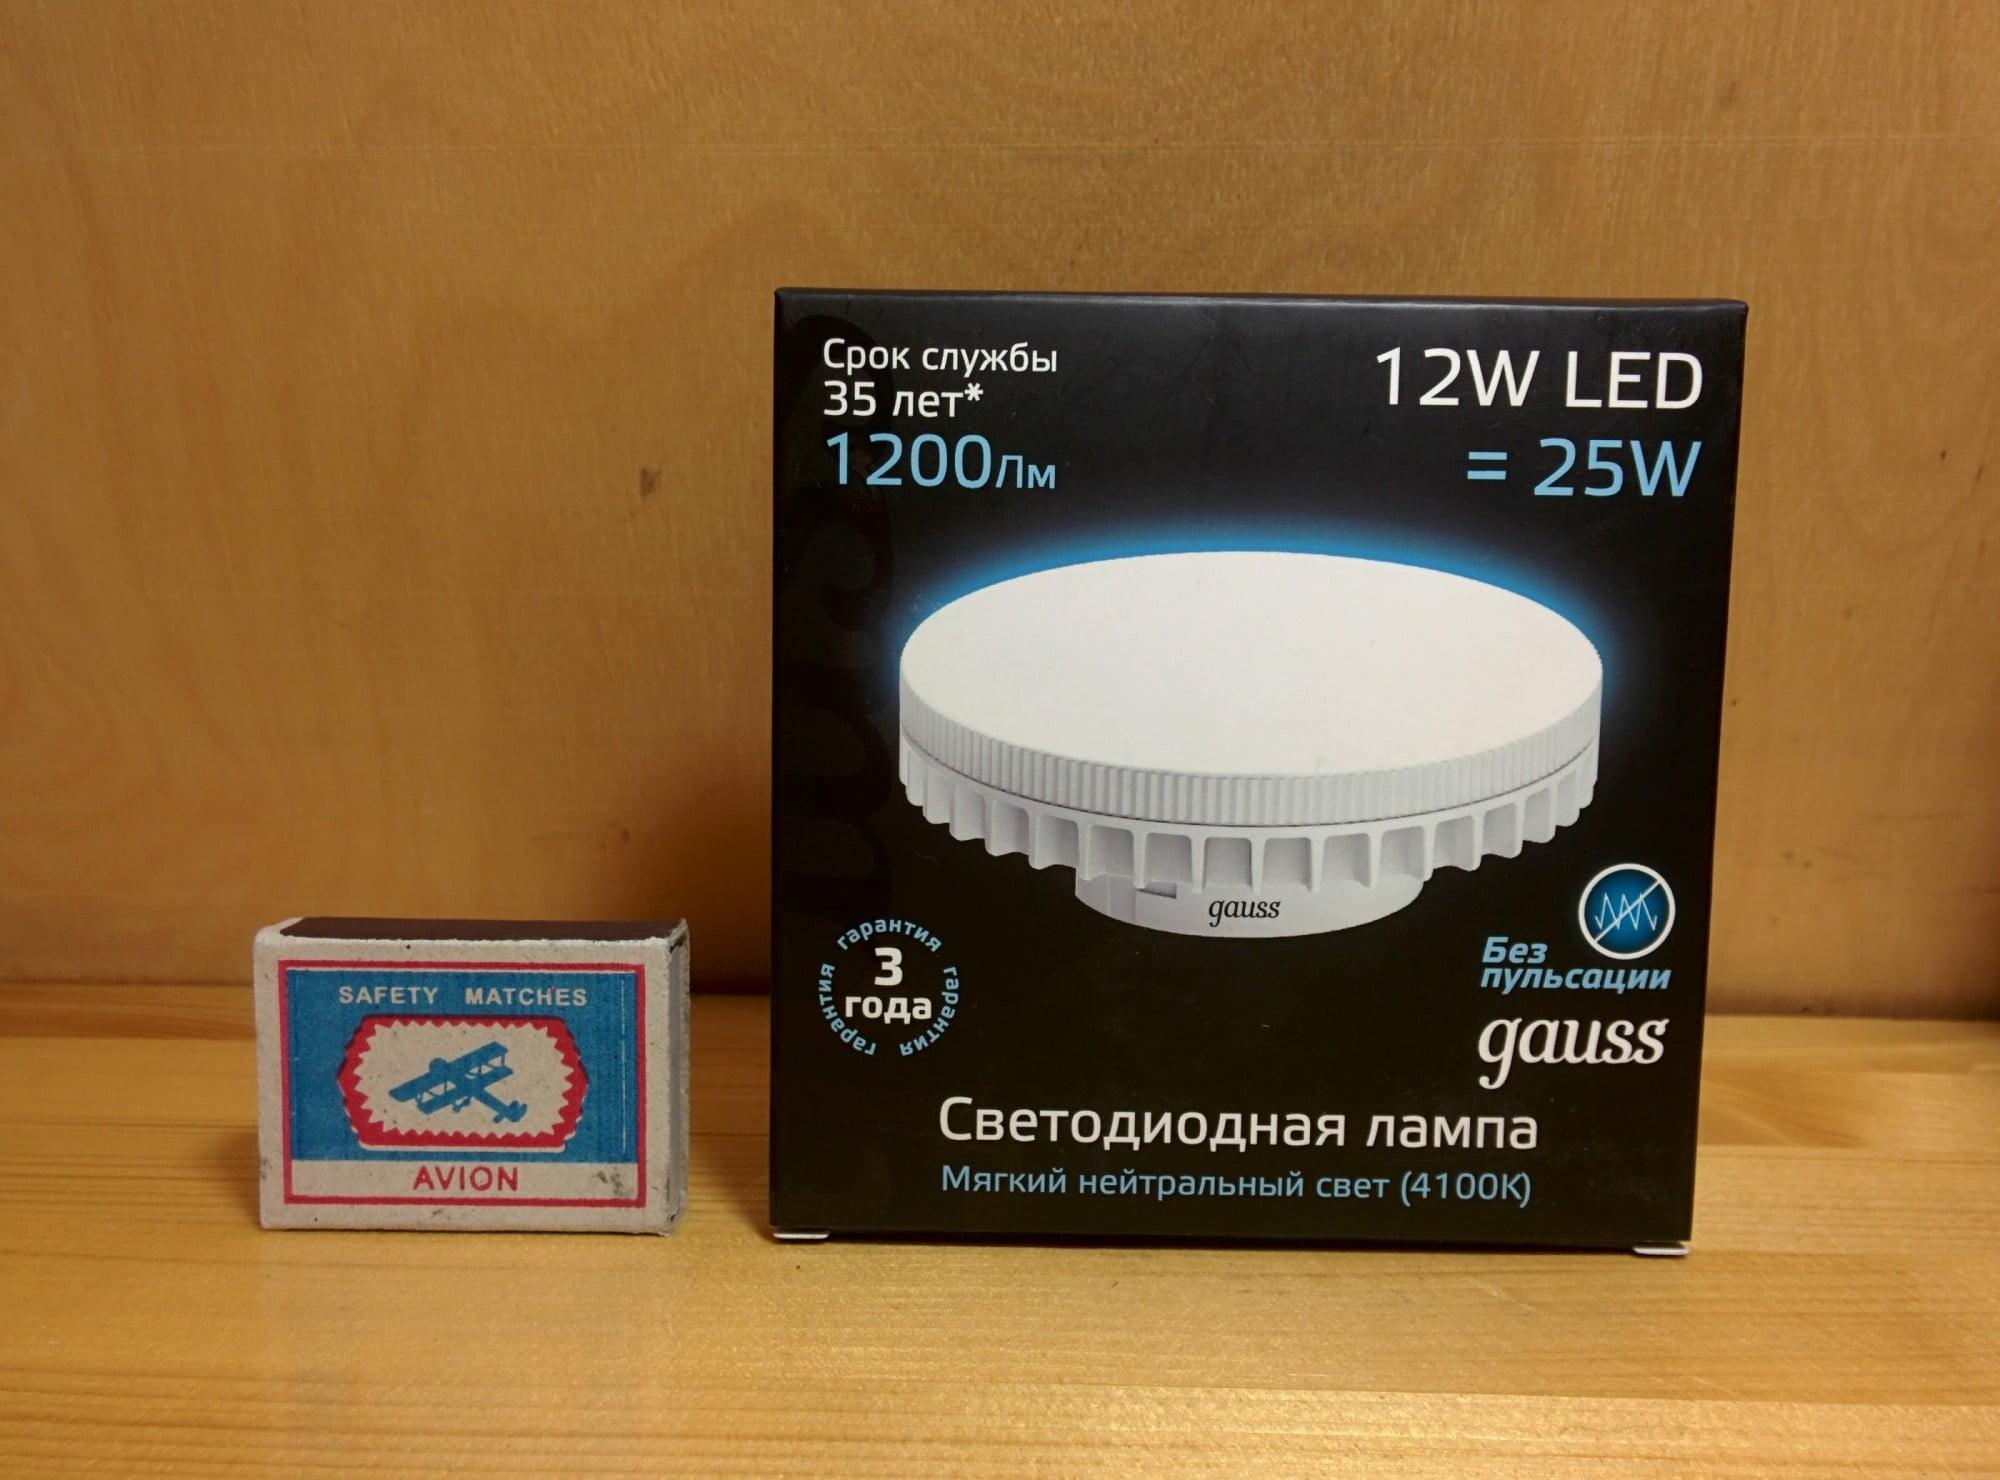 Gauss LED GX70 12W AC150-265V 4100K арт. 131016212 Упаковка